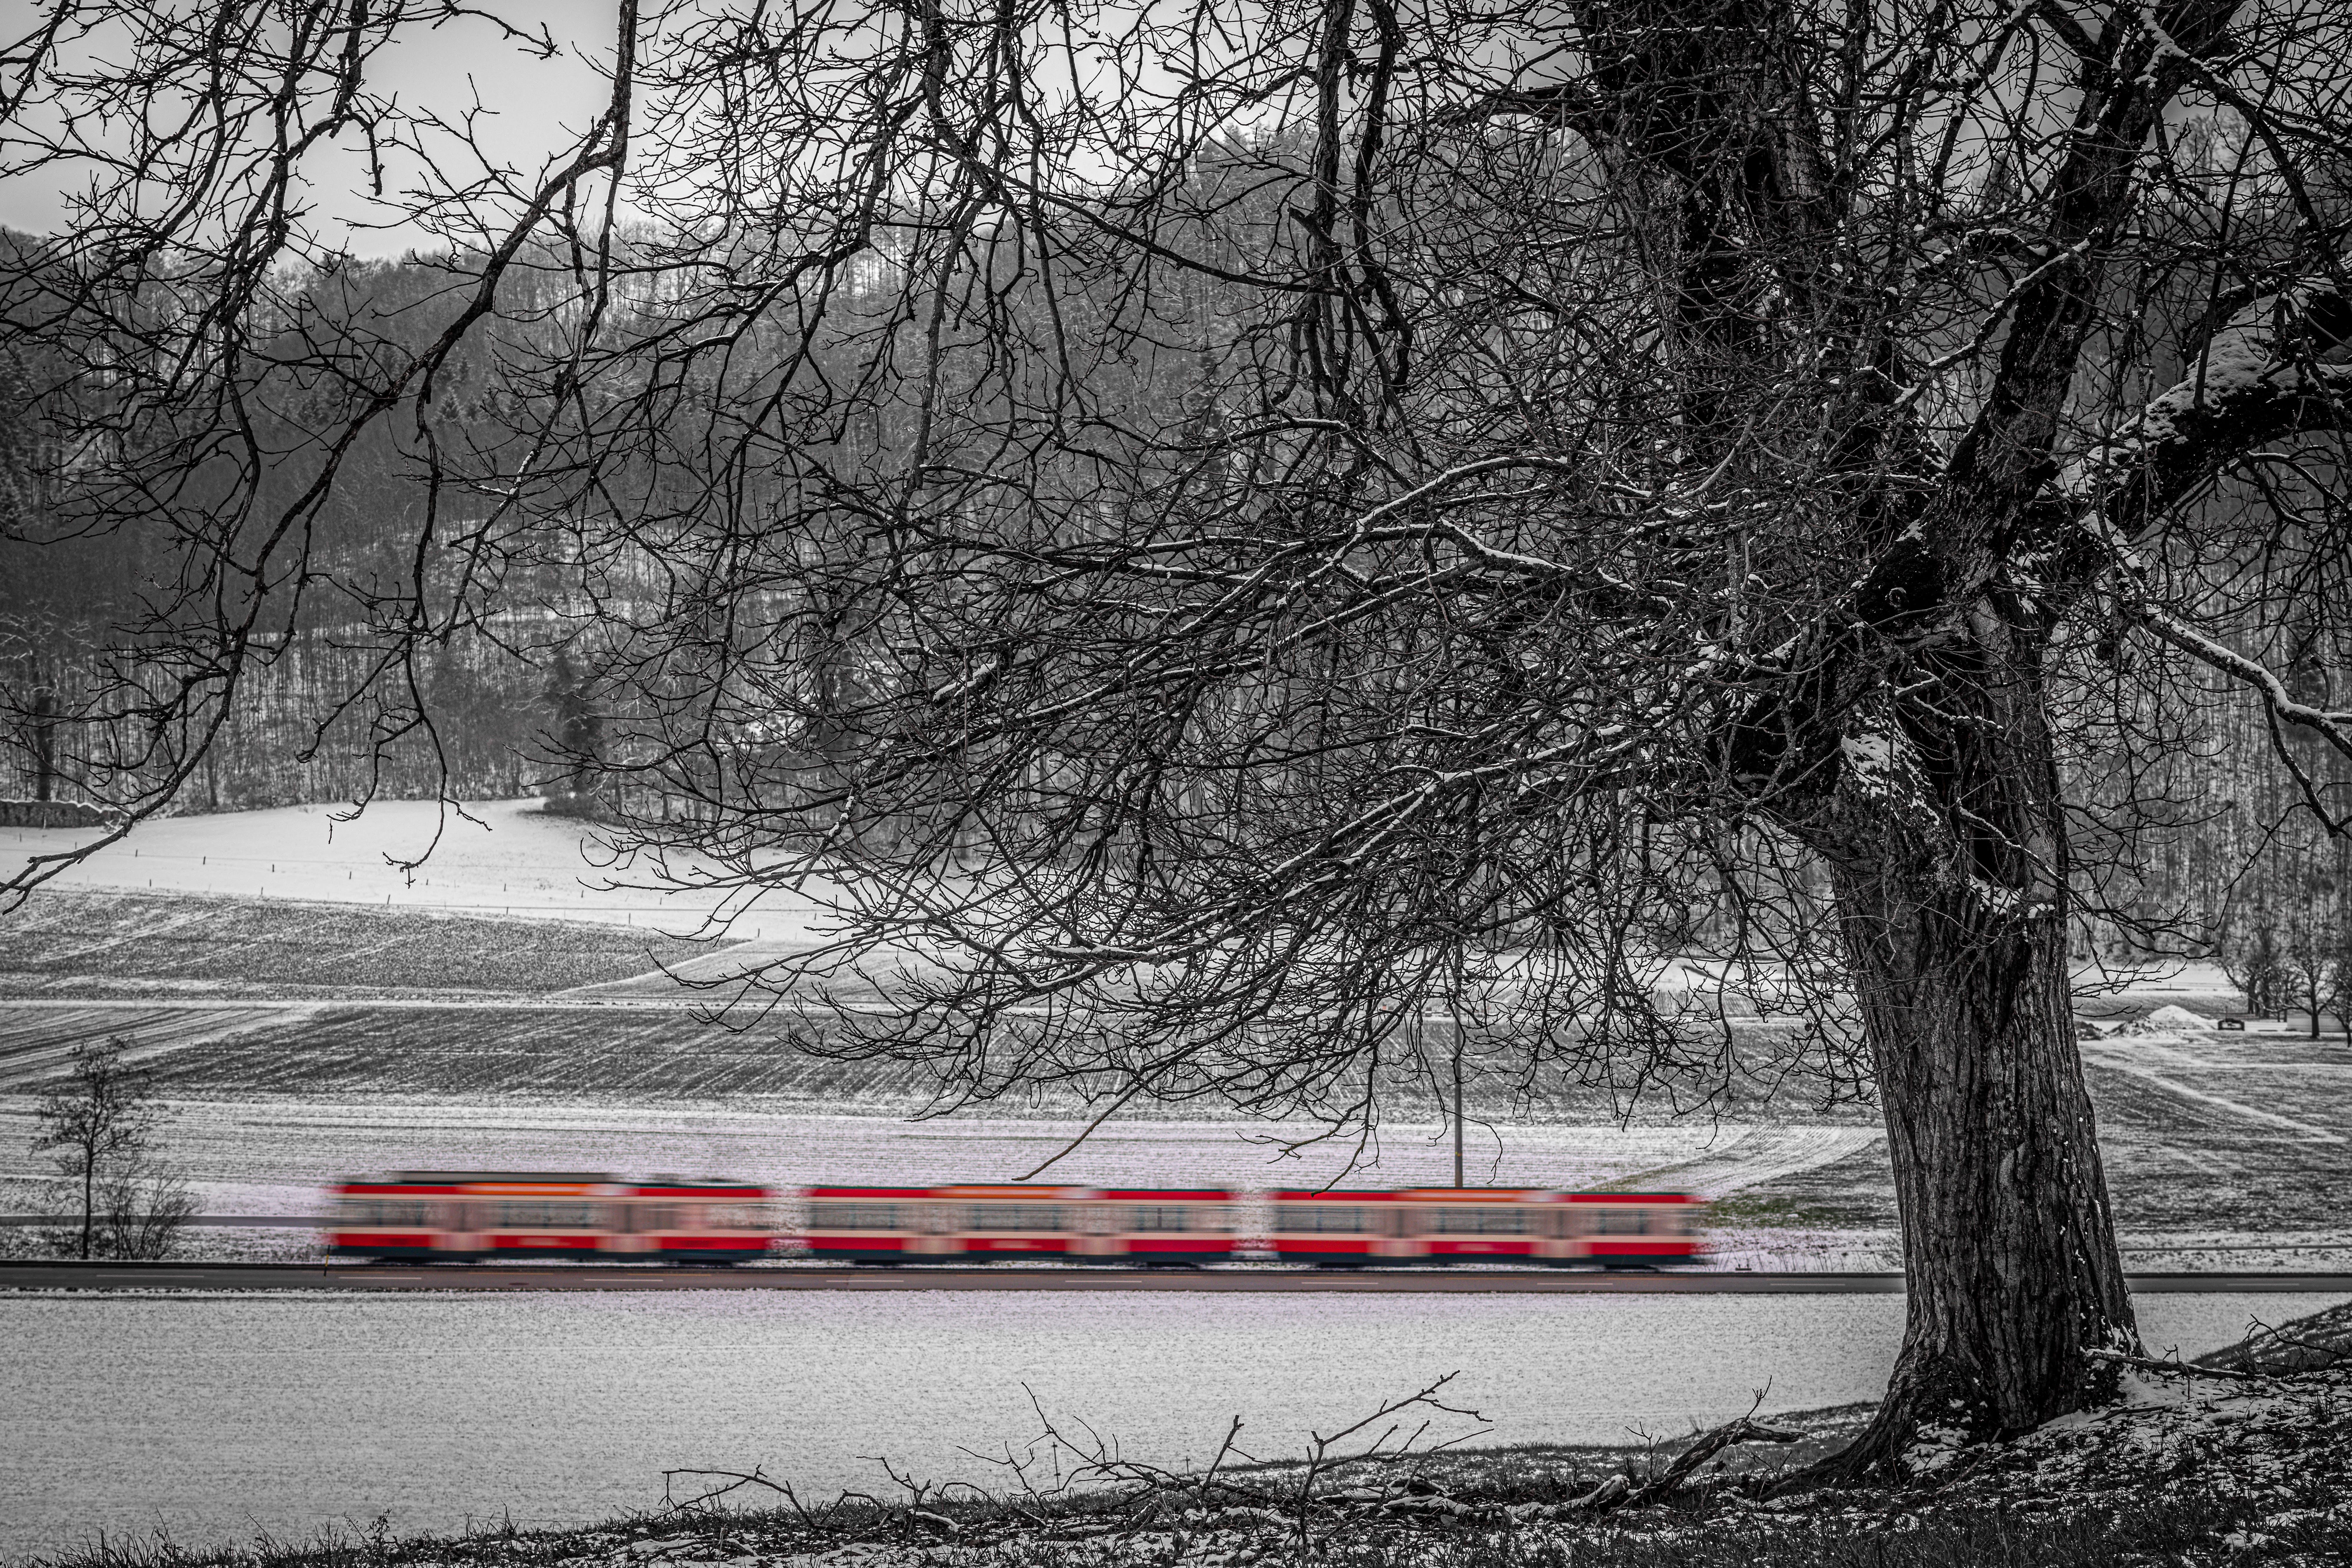 """Wenn der Schnee weg ist, verschwindet auch die """"Crèmeschnitte""""! Noch knapp 2 Monate (bis Ostern) bewegt sich diese Zugskomposition durchs Waldenburgertal."""